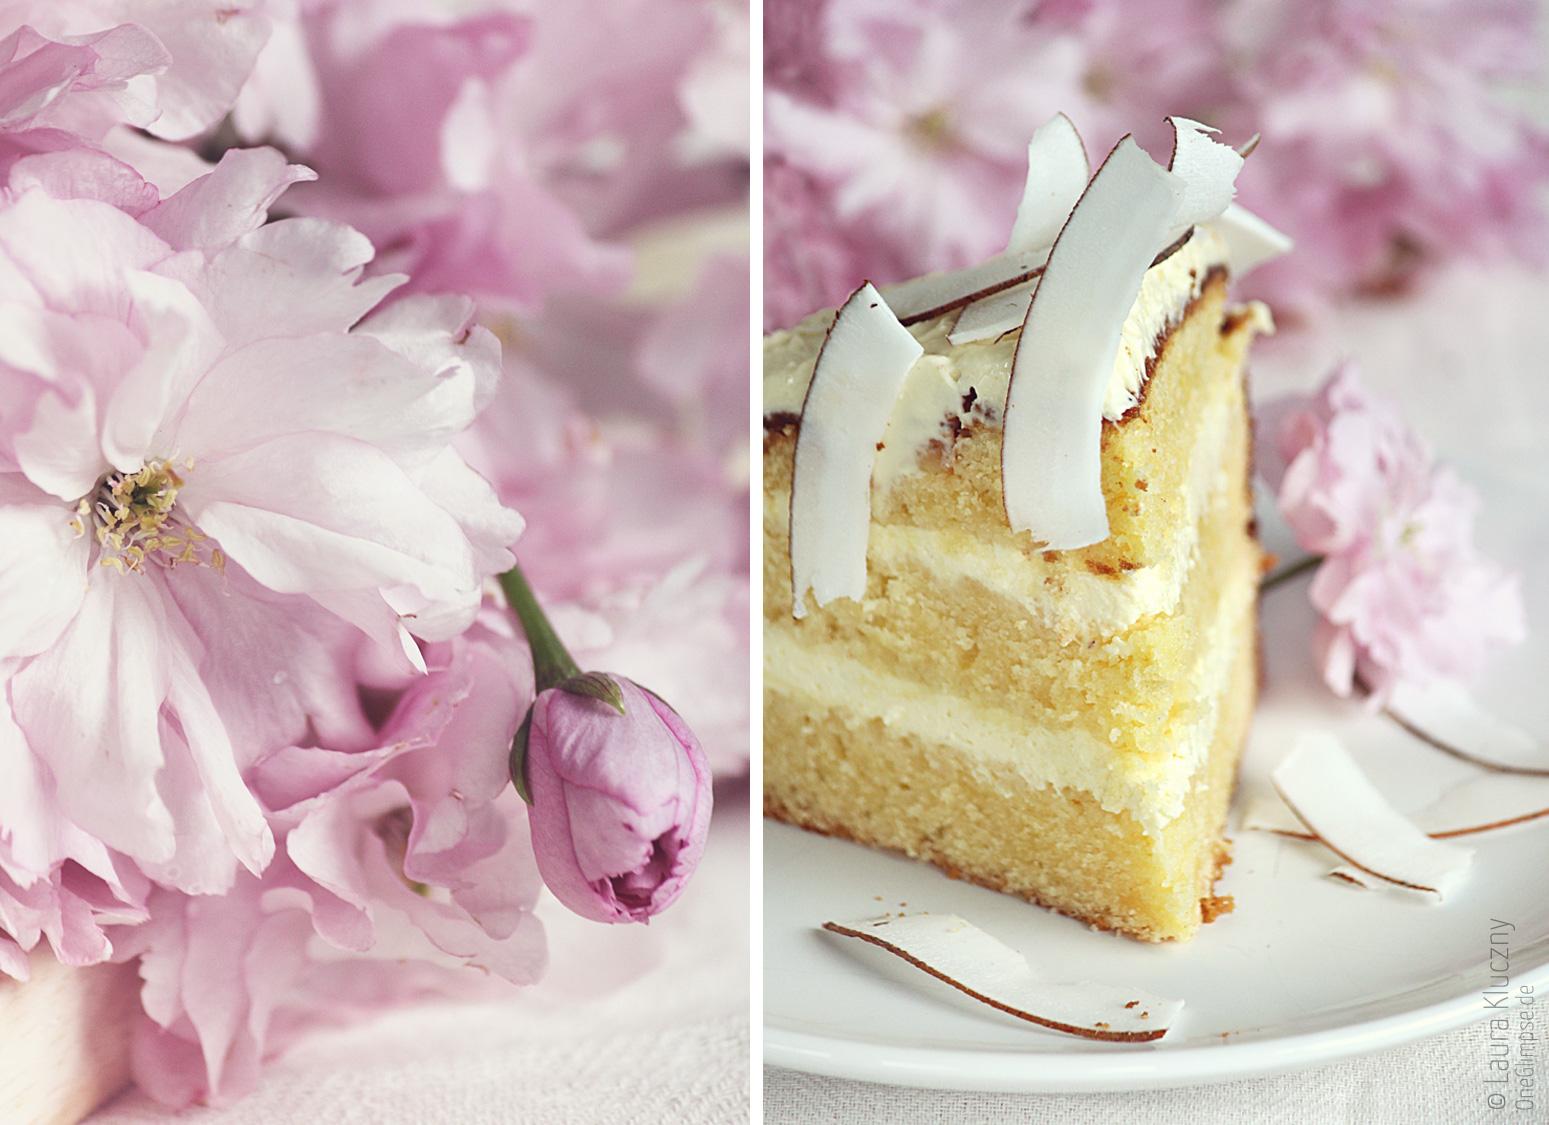 Sommerliche Maracuja-Zitronen-Torte und als Dekoration die japanische Nelkenkirsche